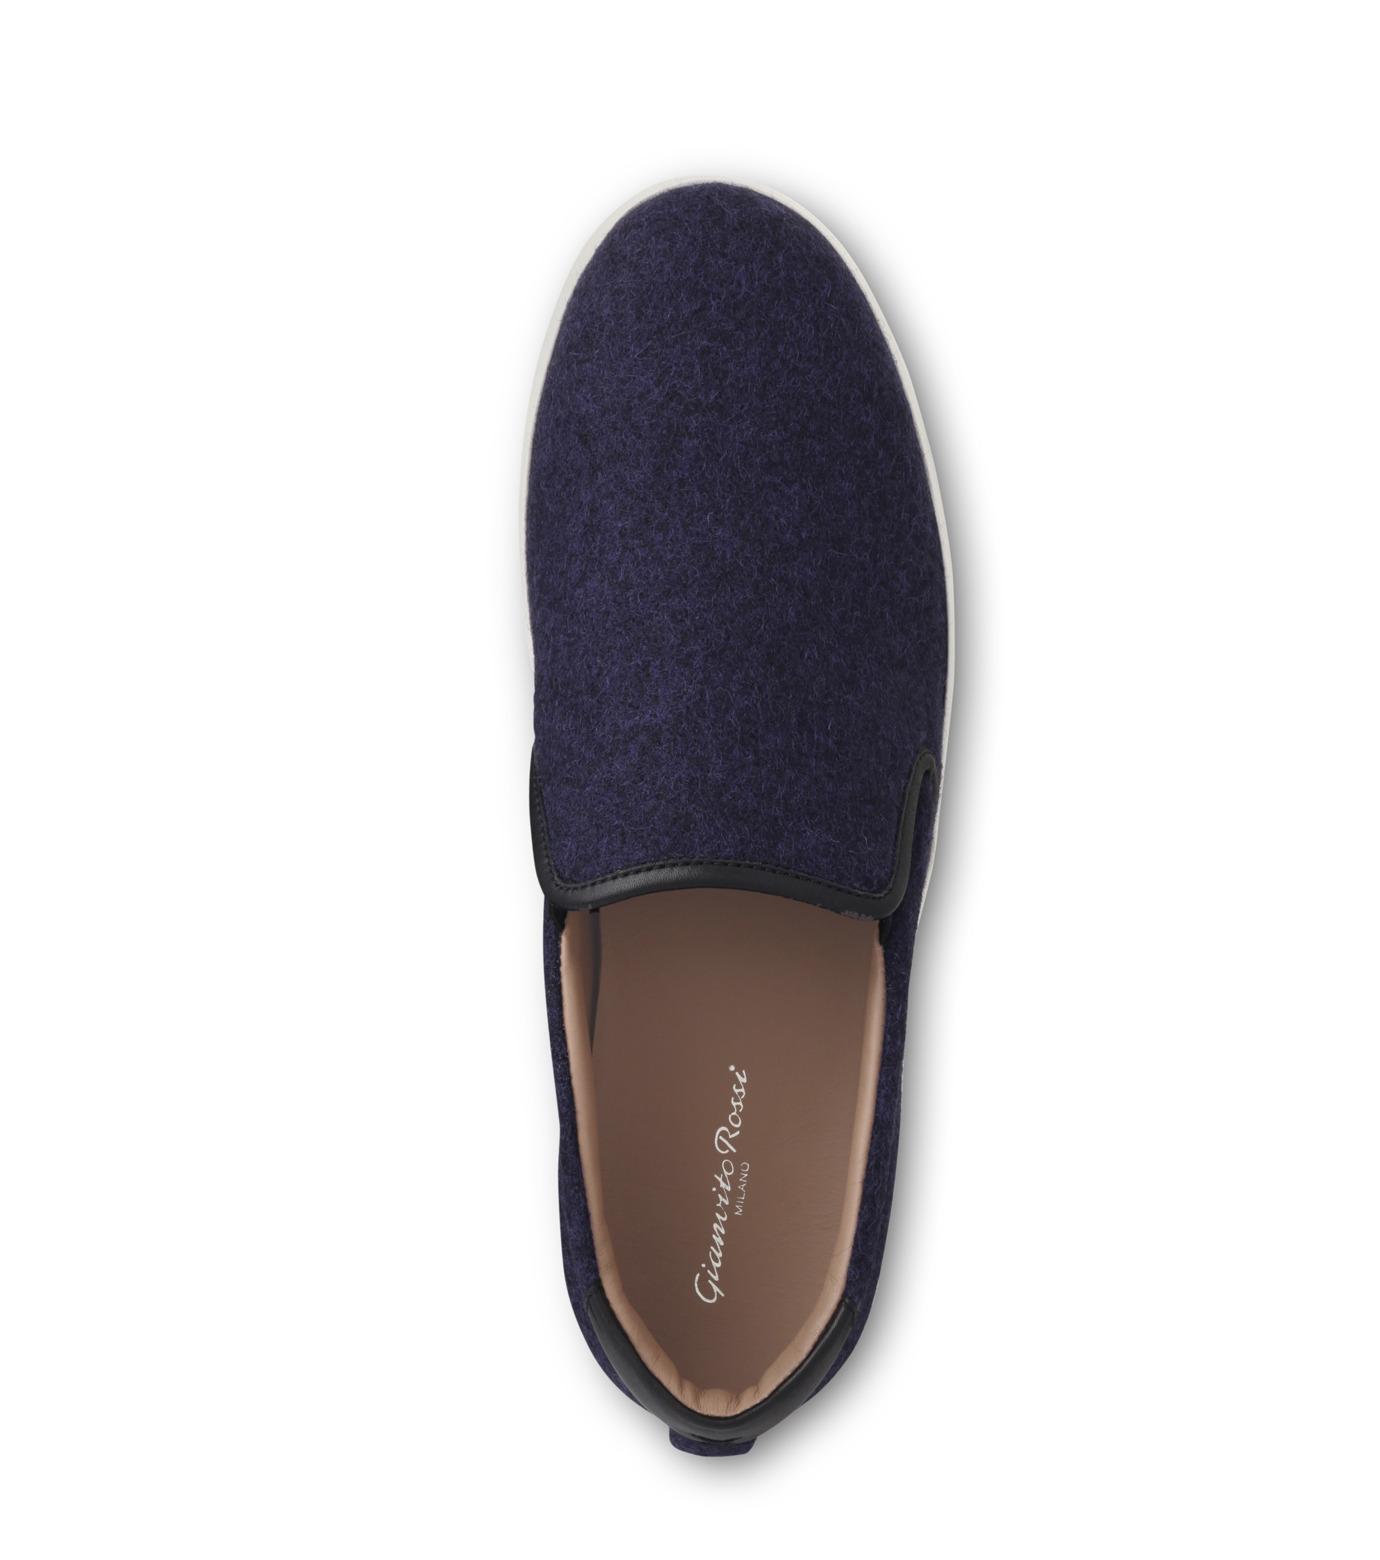 Gianvito Rossi(ジャンヴィト ロッシ)のSlippon Sneaker-BLUE(スニーカー/sneaker)-S20261-M-FEC-92 拡大詳細画像4